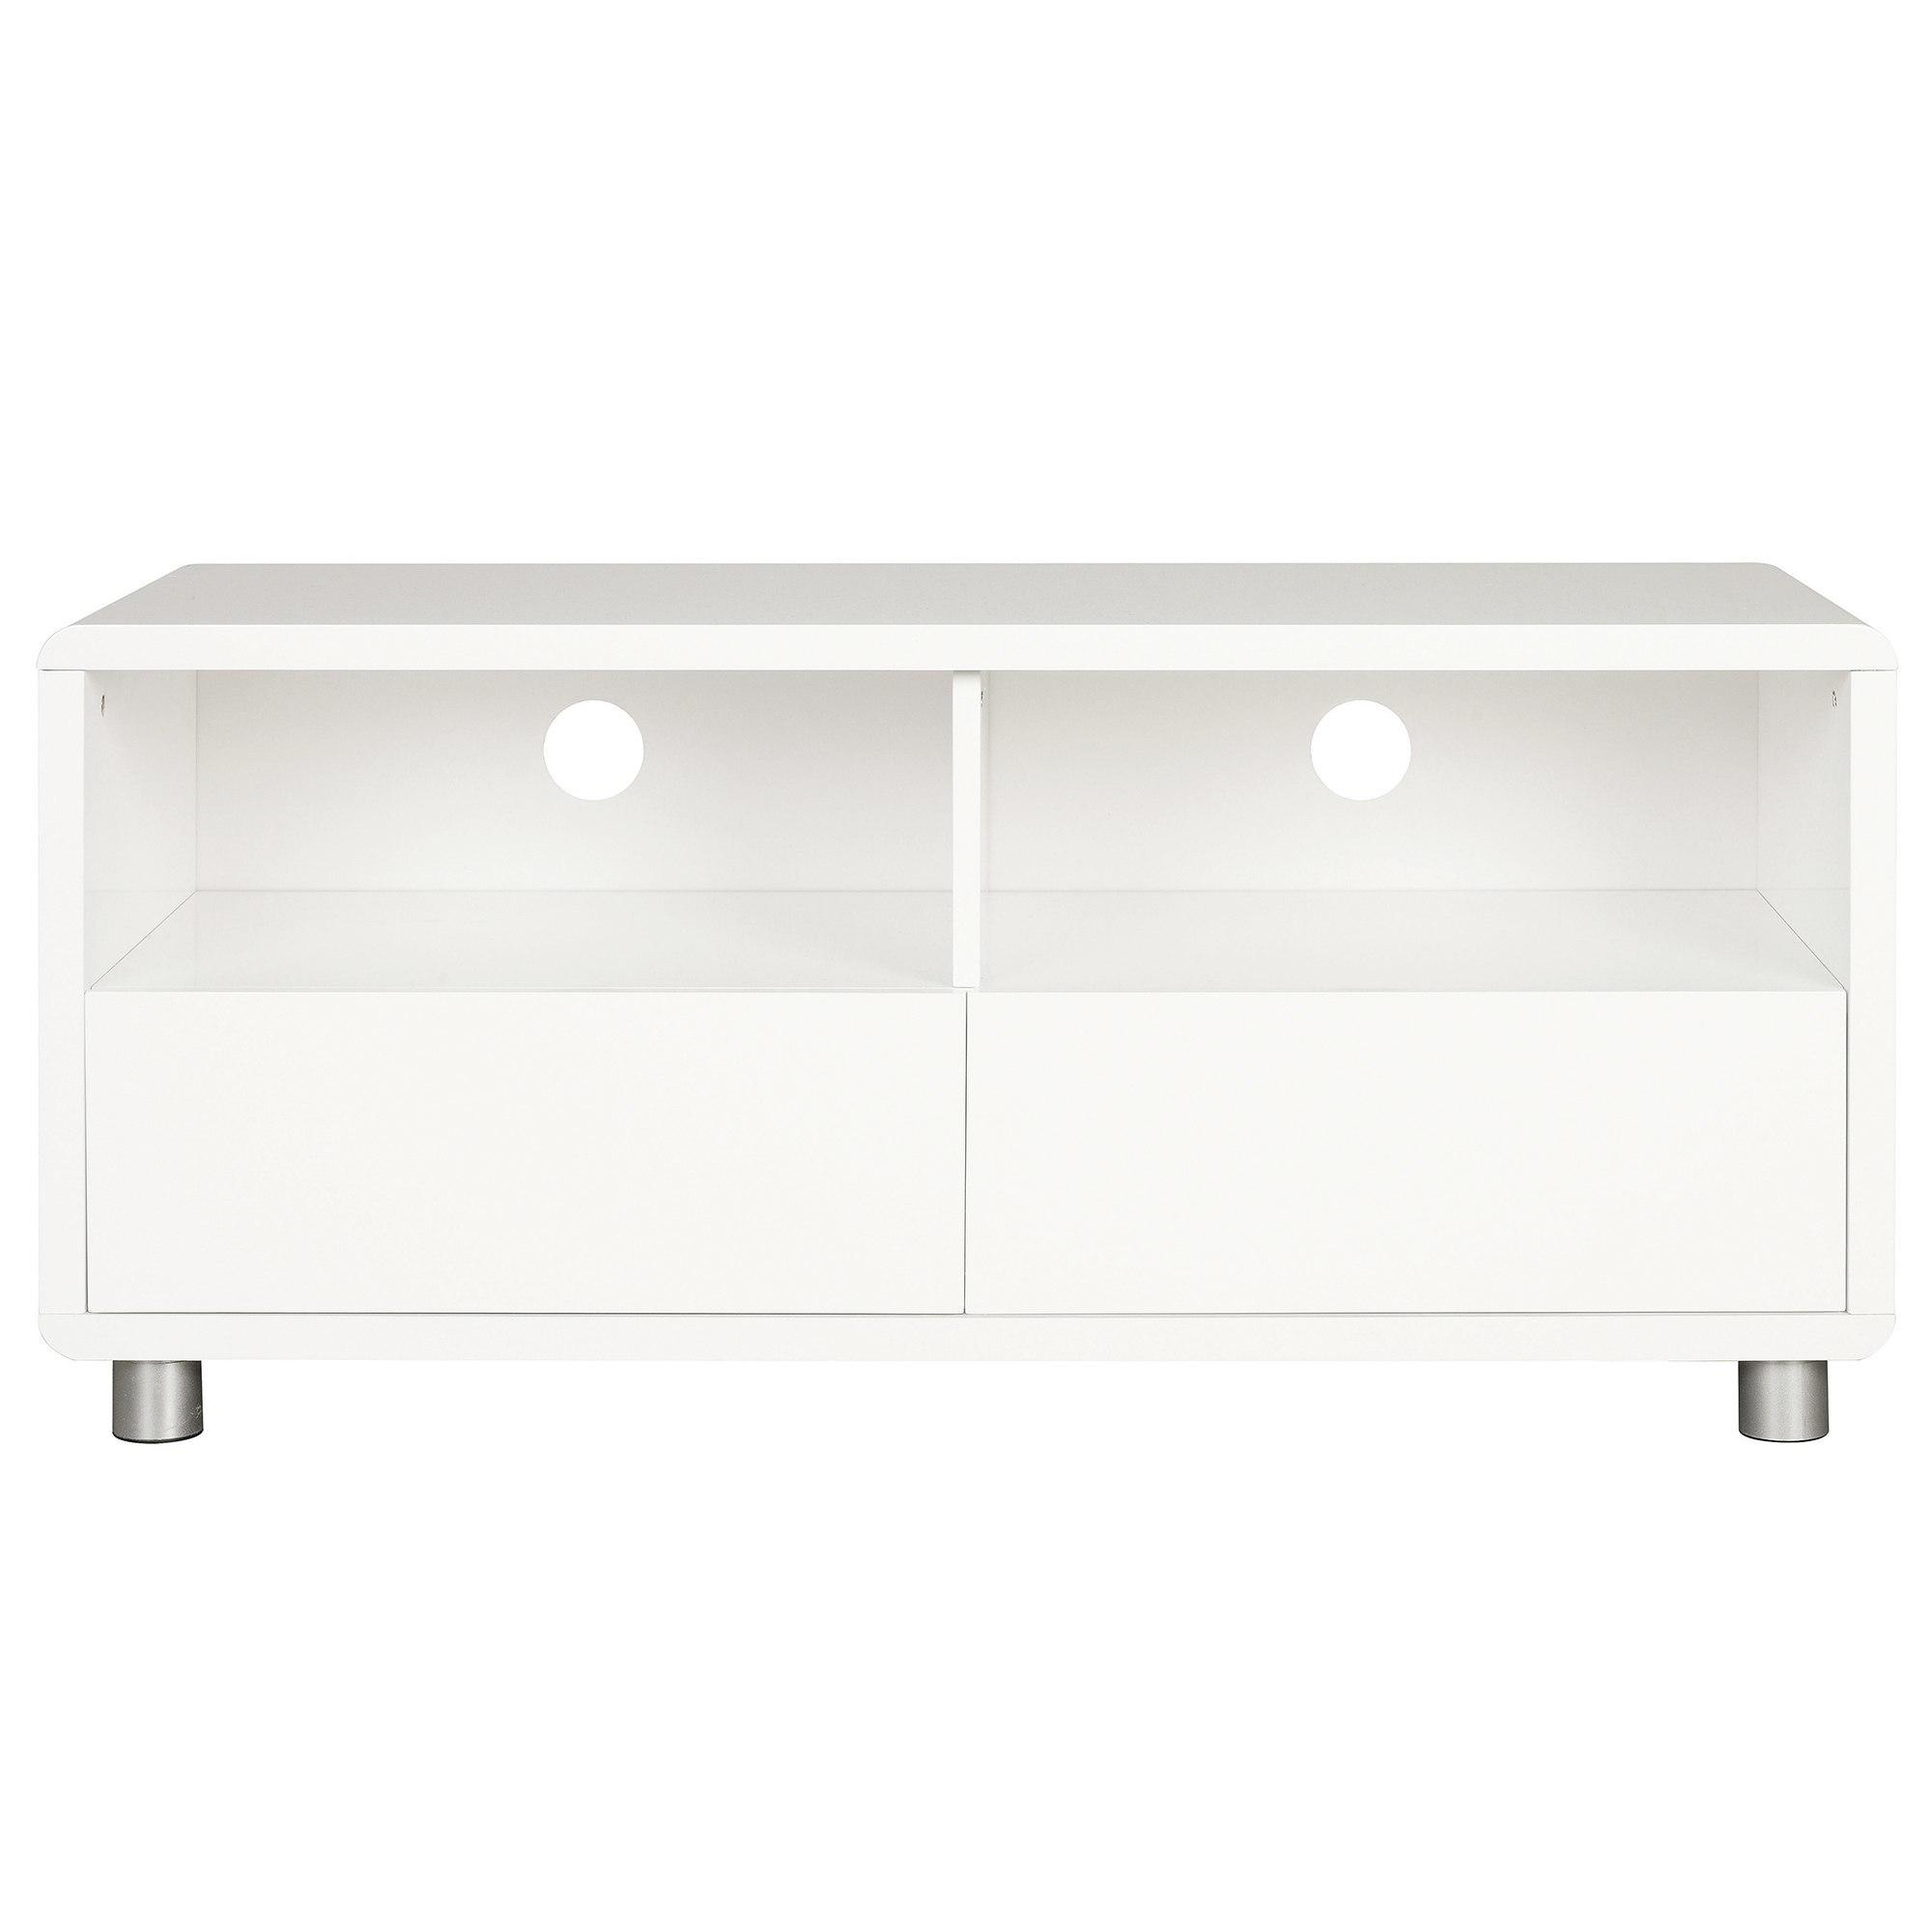 Soho White Gloss TV Stand White